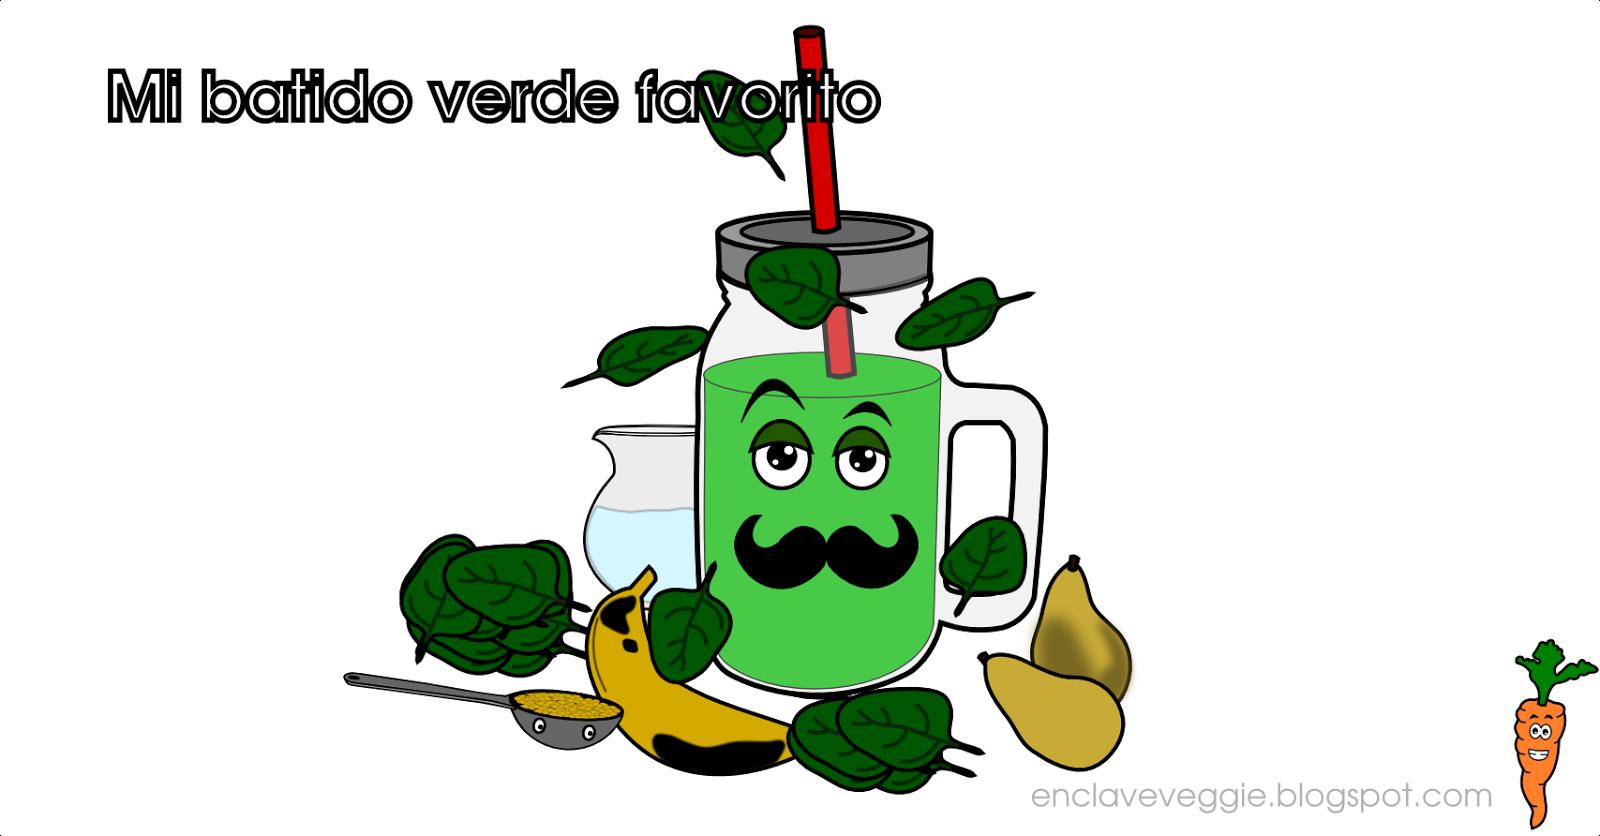 http://enclaveveggie.blogspot.com.es/2015/01/batidos-verdes.html